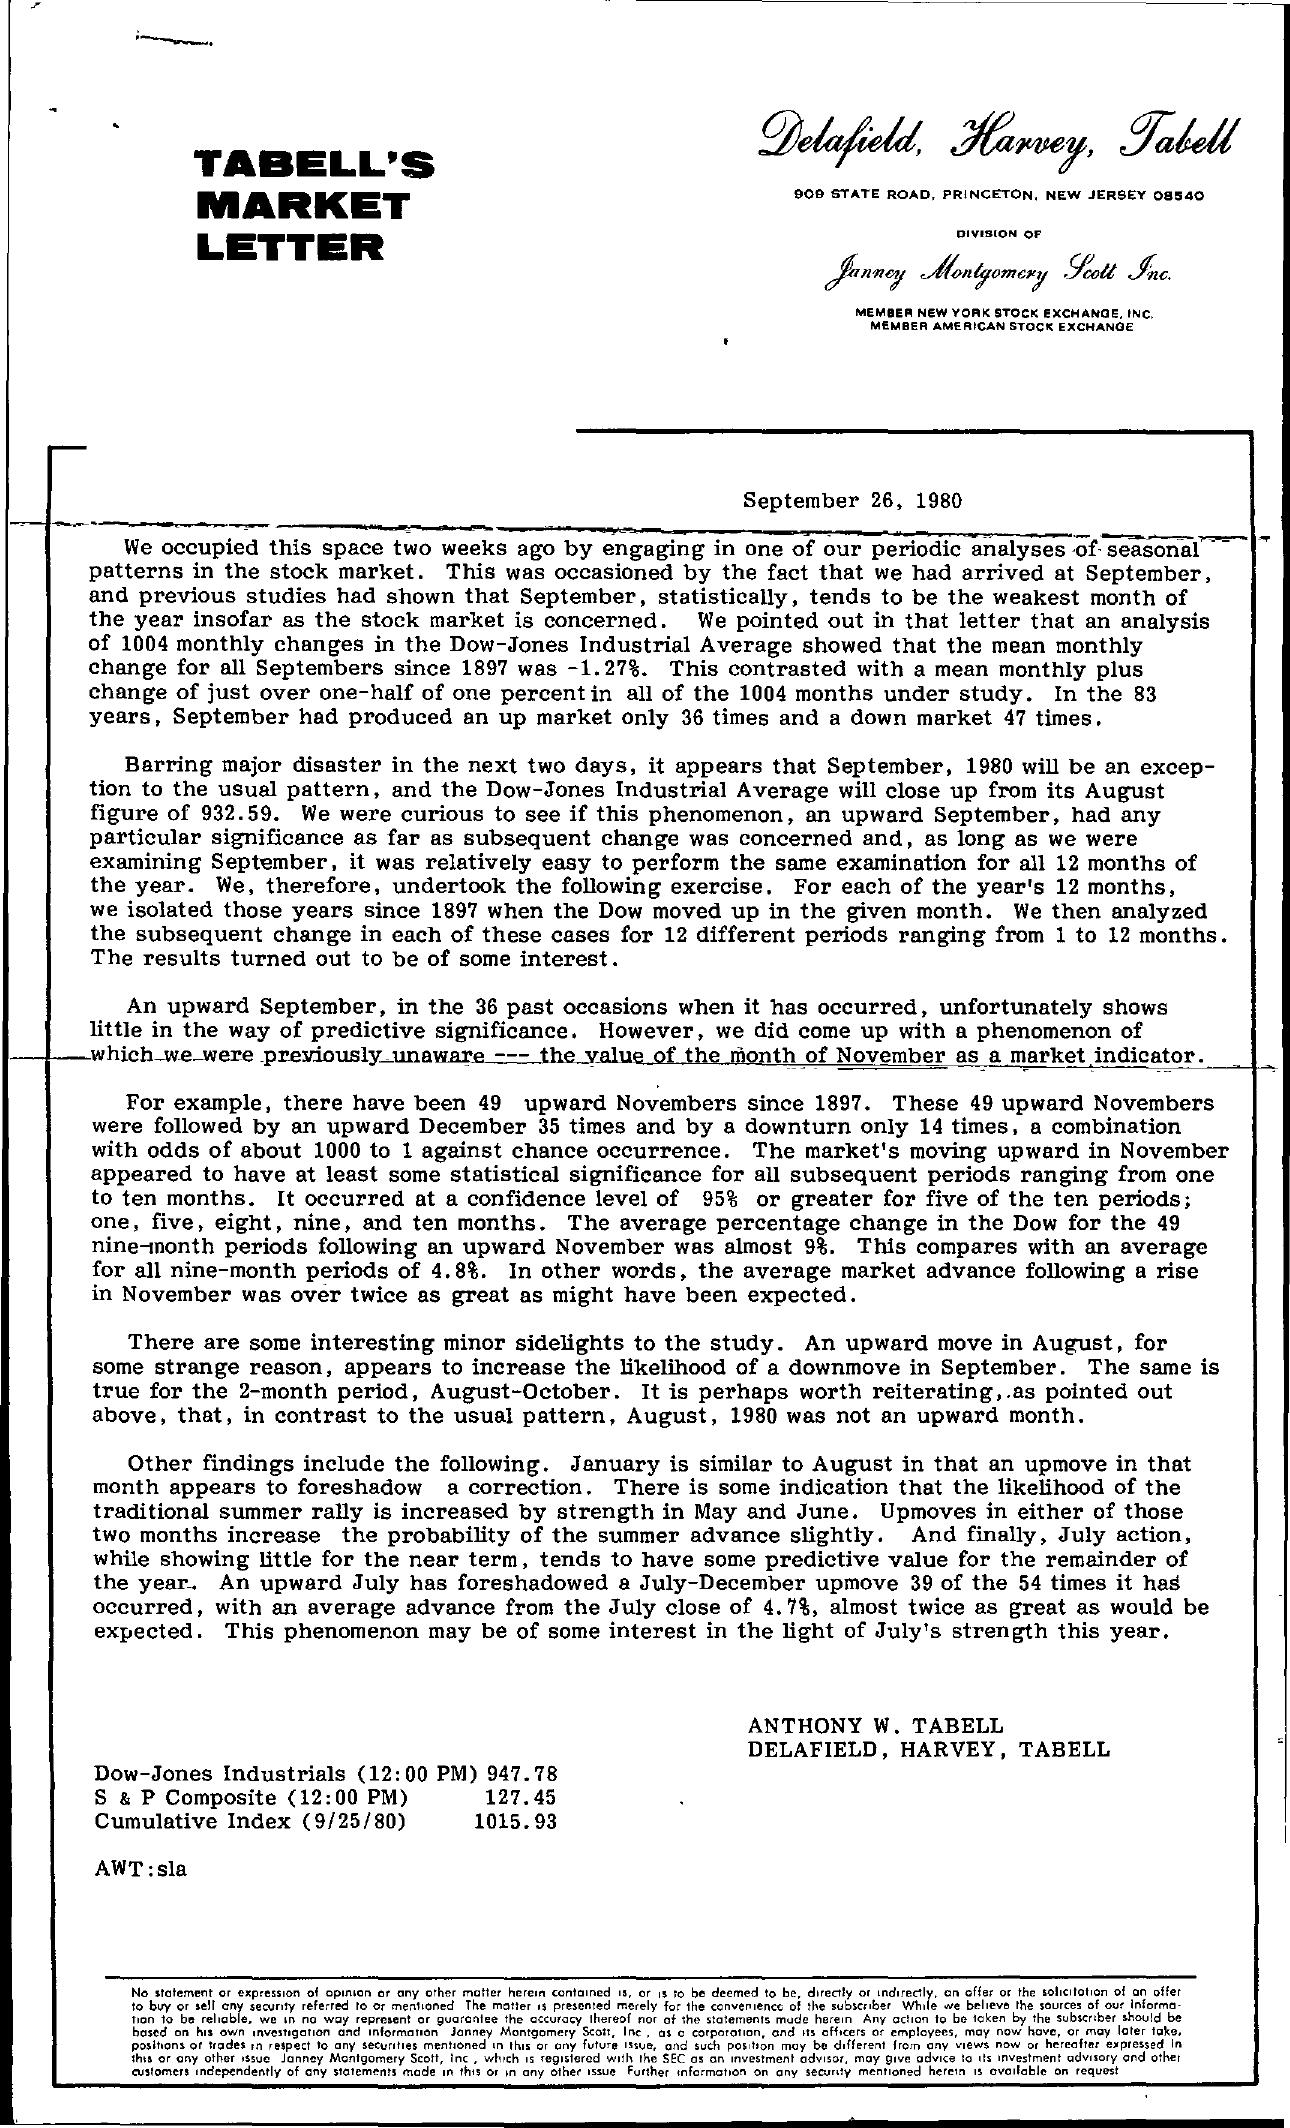 Tabell's Market Letter - September 26, 1980